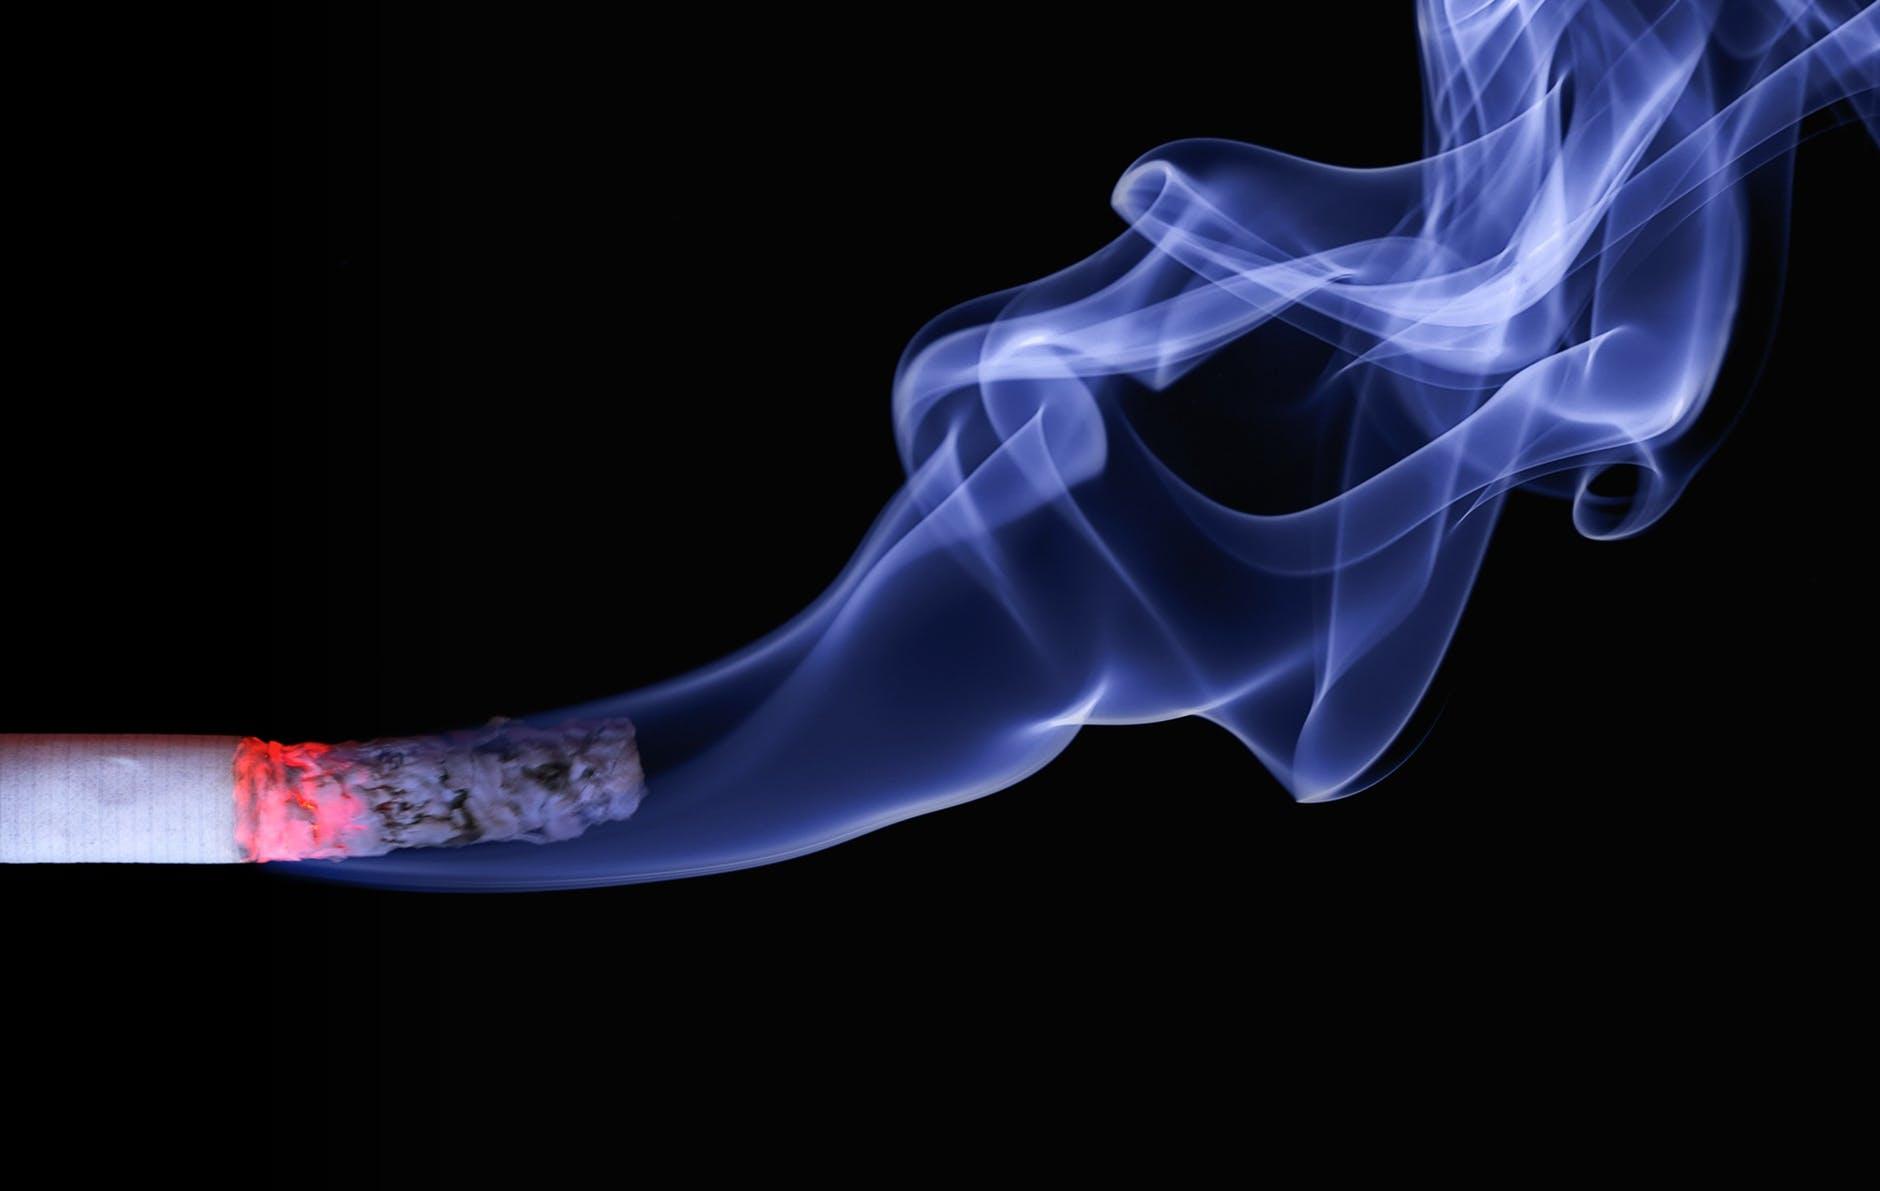 Hút thuốc lá điện tử (VAPE) có gây viêm tiểu phế quản không?